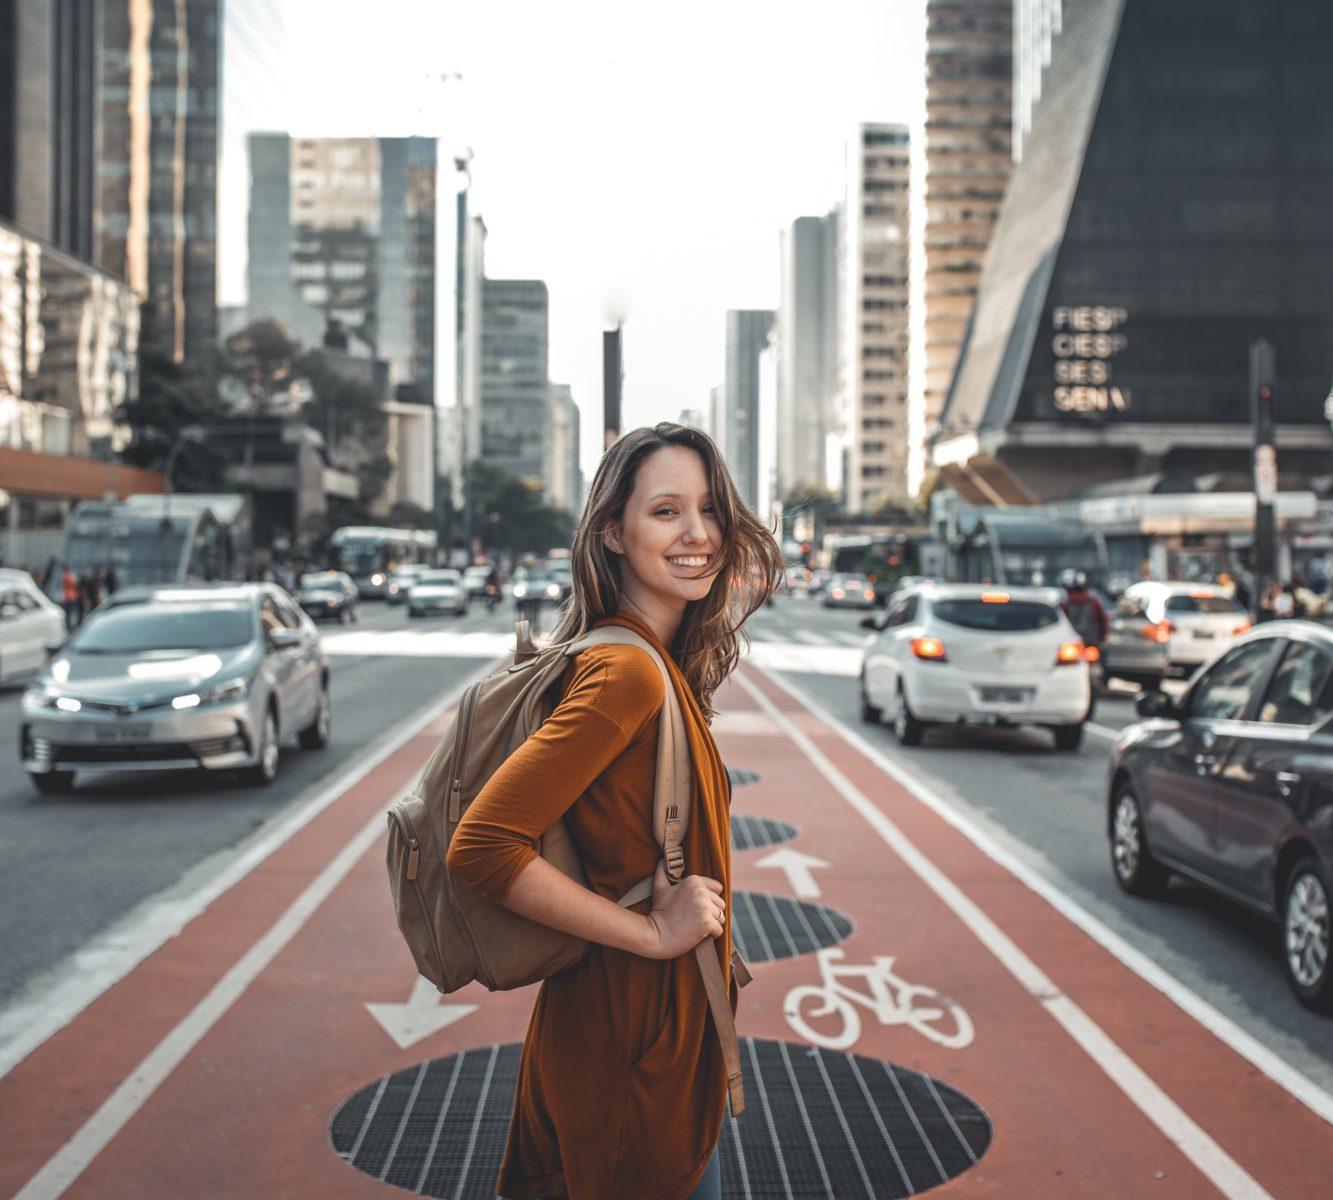 道路でバッグを背負う女性